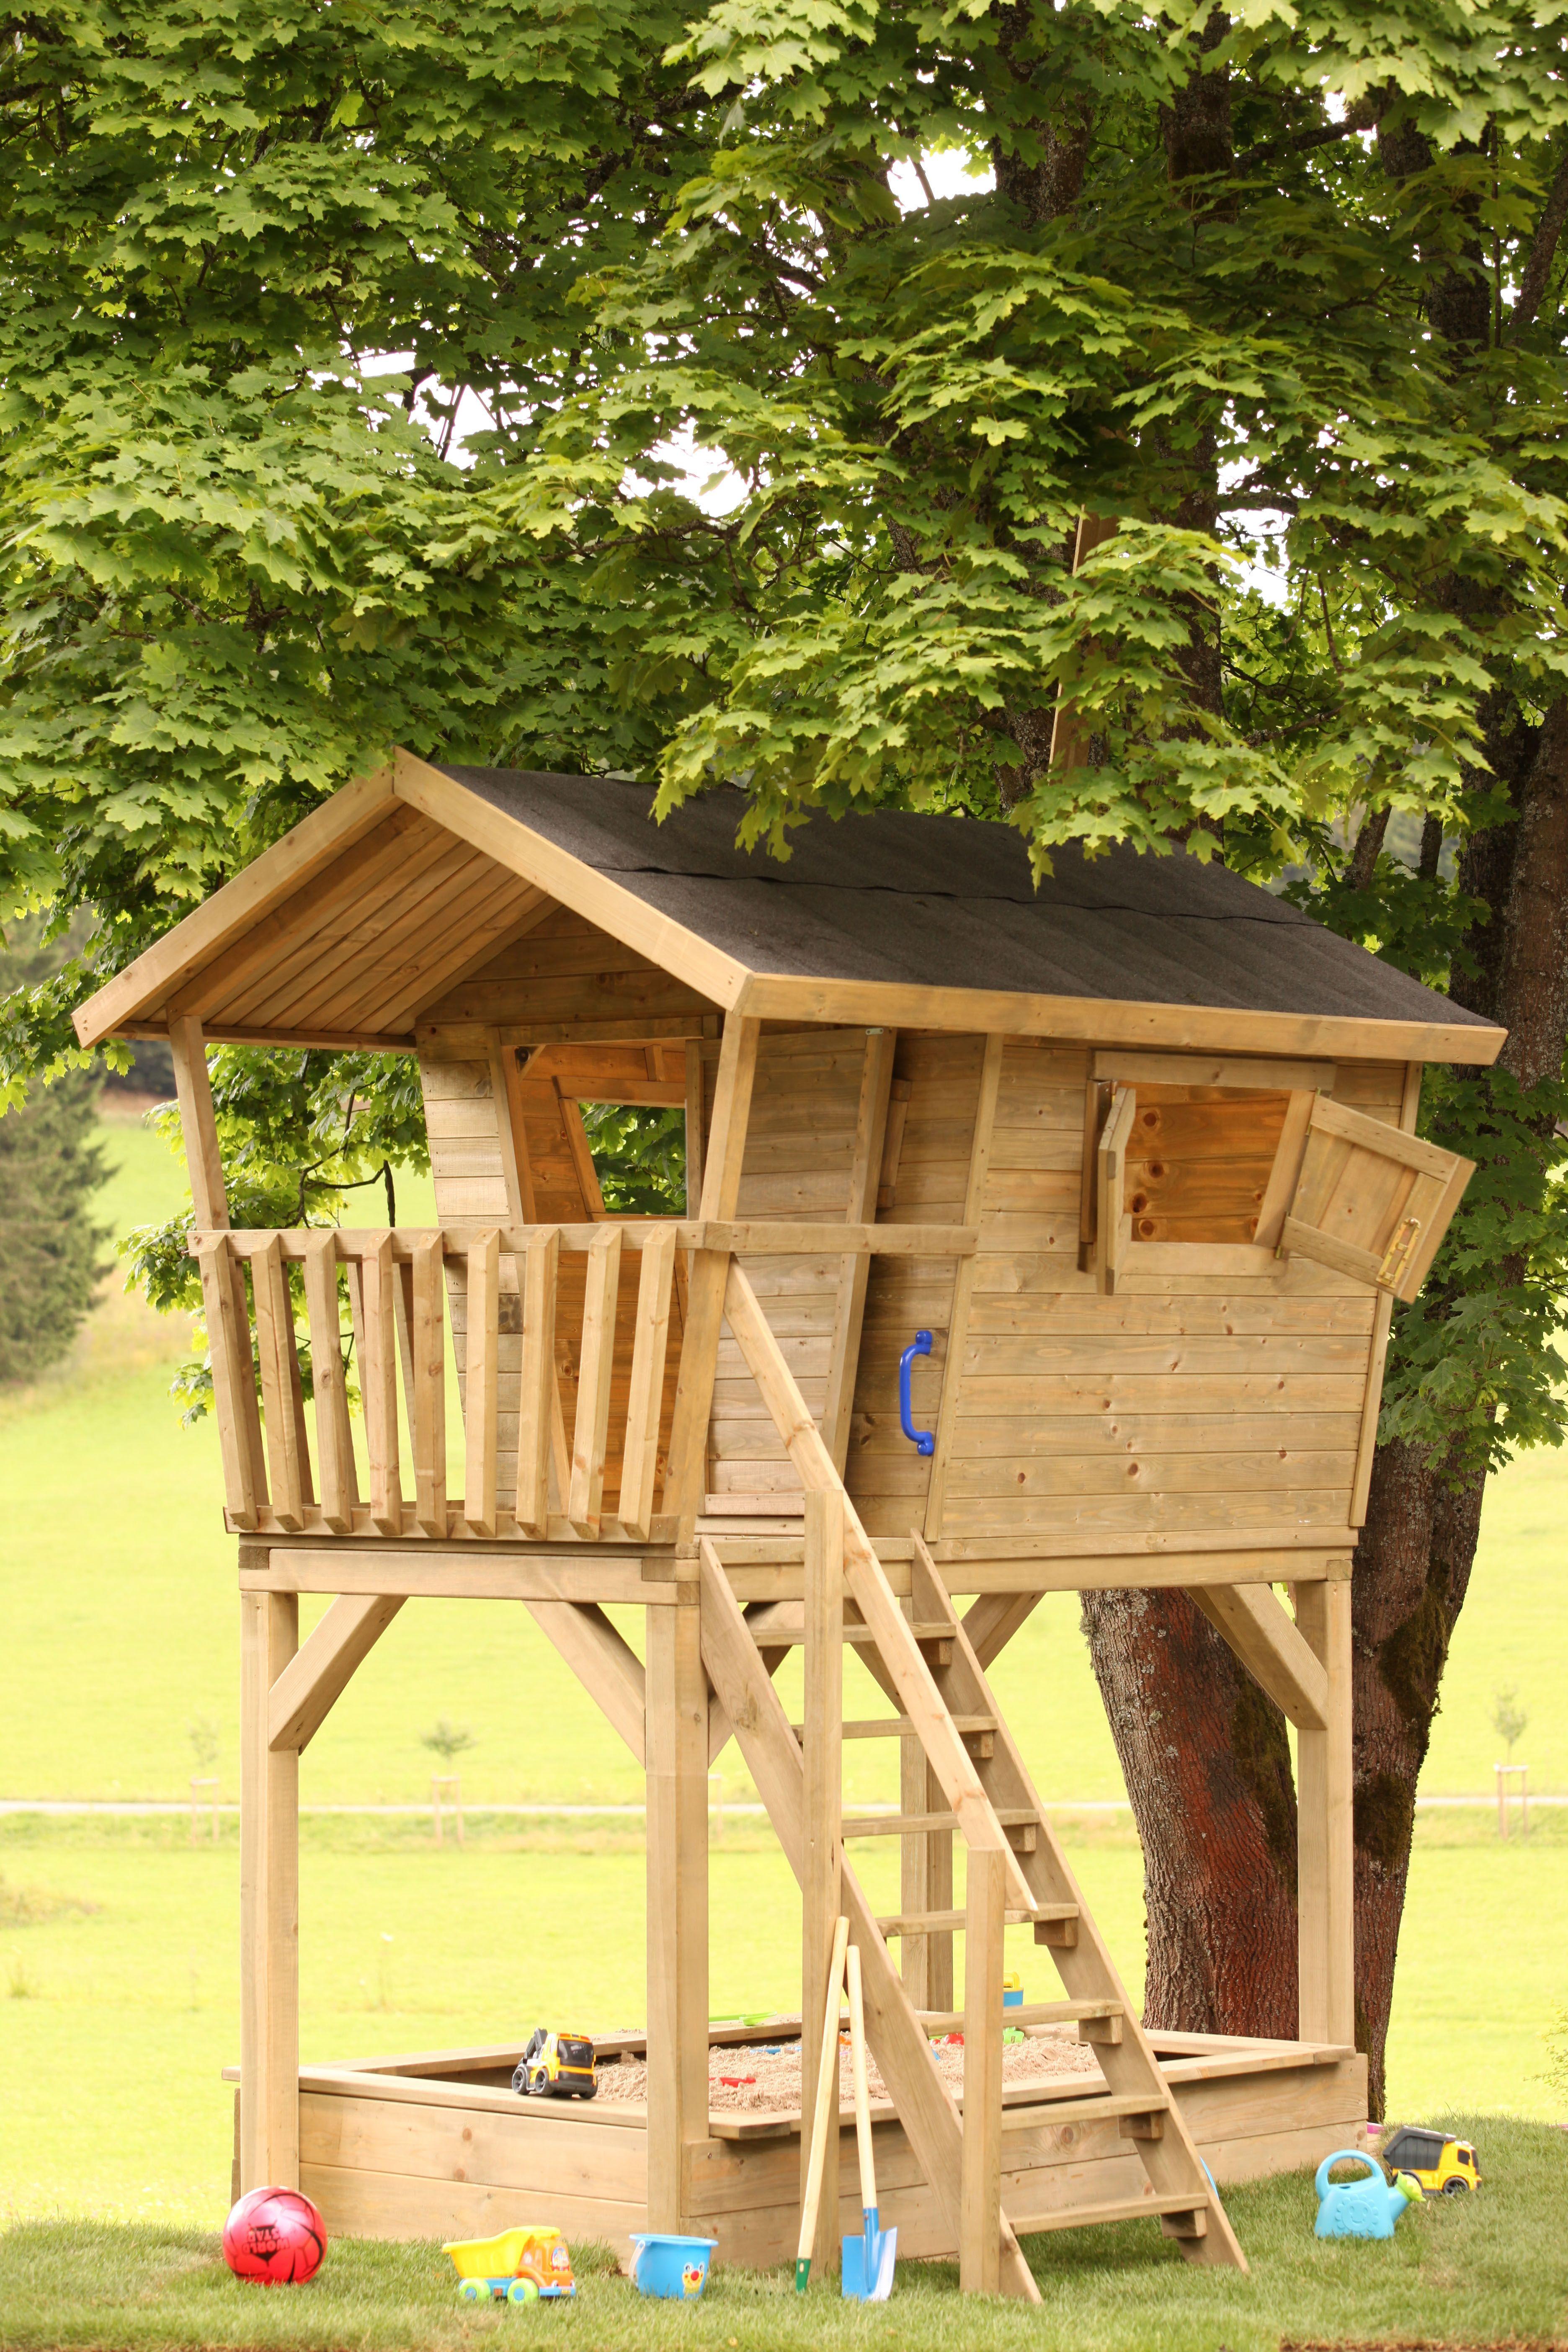 Spielhaus Barney Ein Baumhaus Mit Sandkasten Sorgt Fur Reichlich Spass Im Garten Kinder Spielhaus Garten Spielhaus Garten Kinder Baumhaus